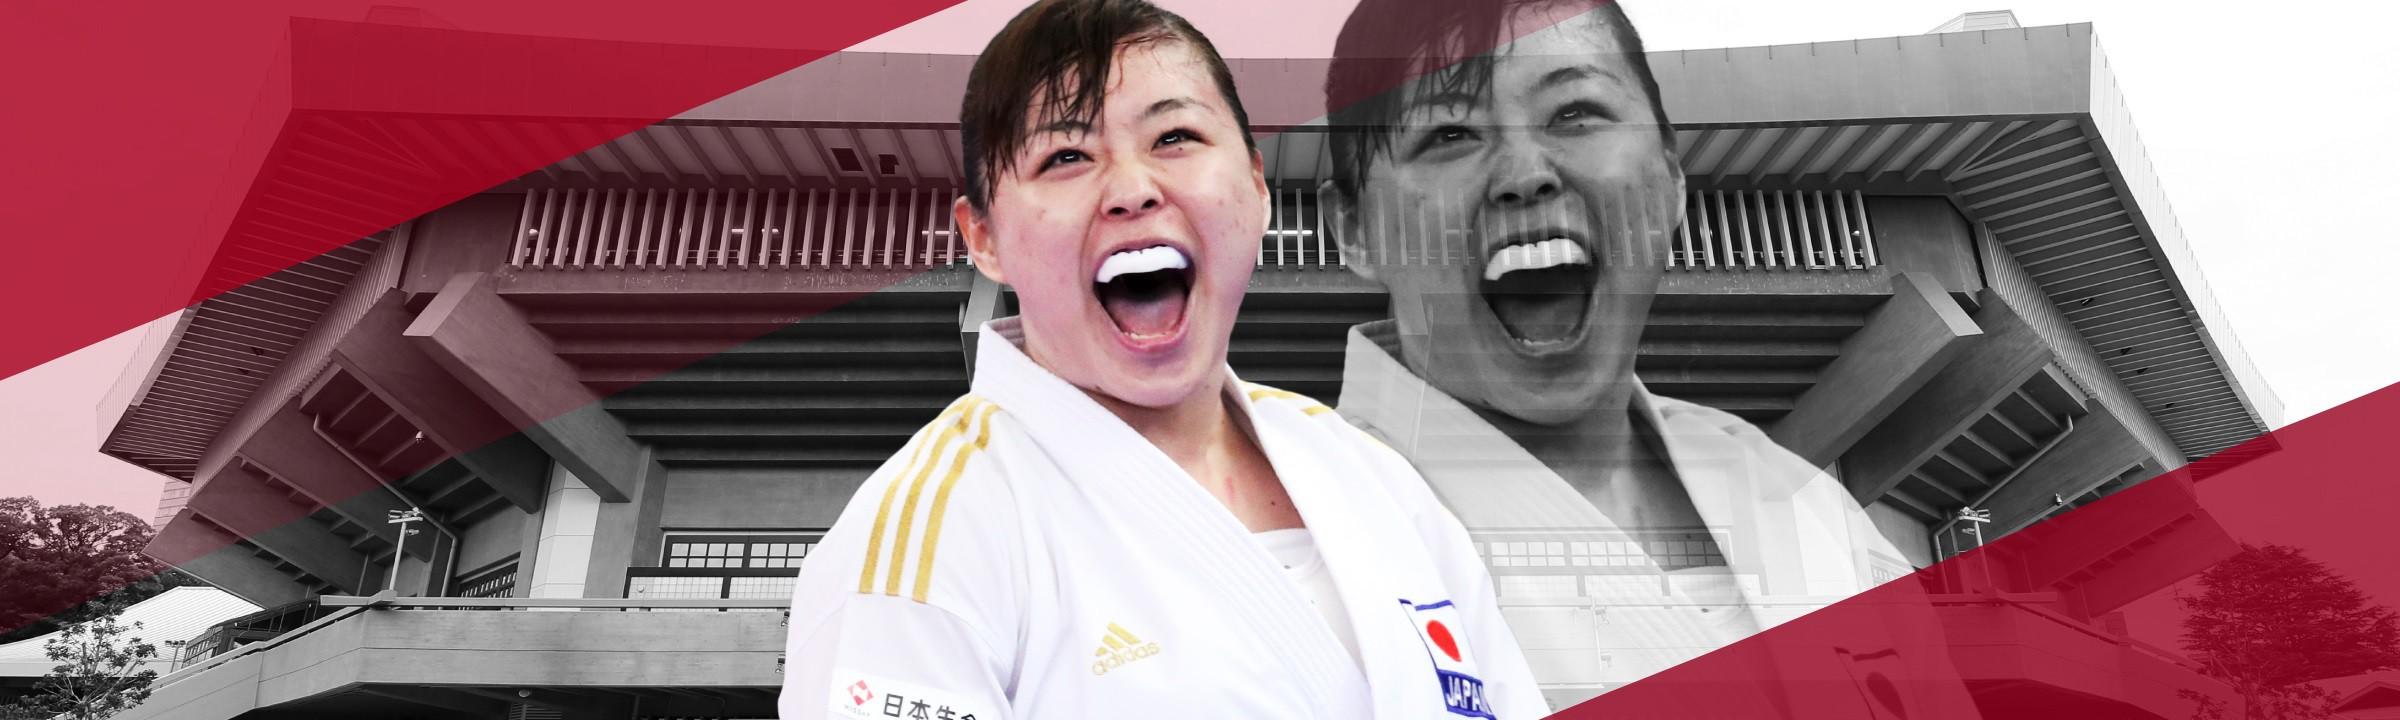 植草歩(空手) 東京オリンピック